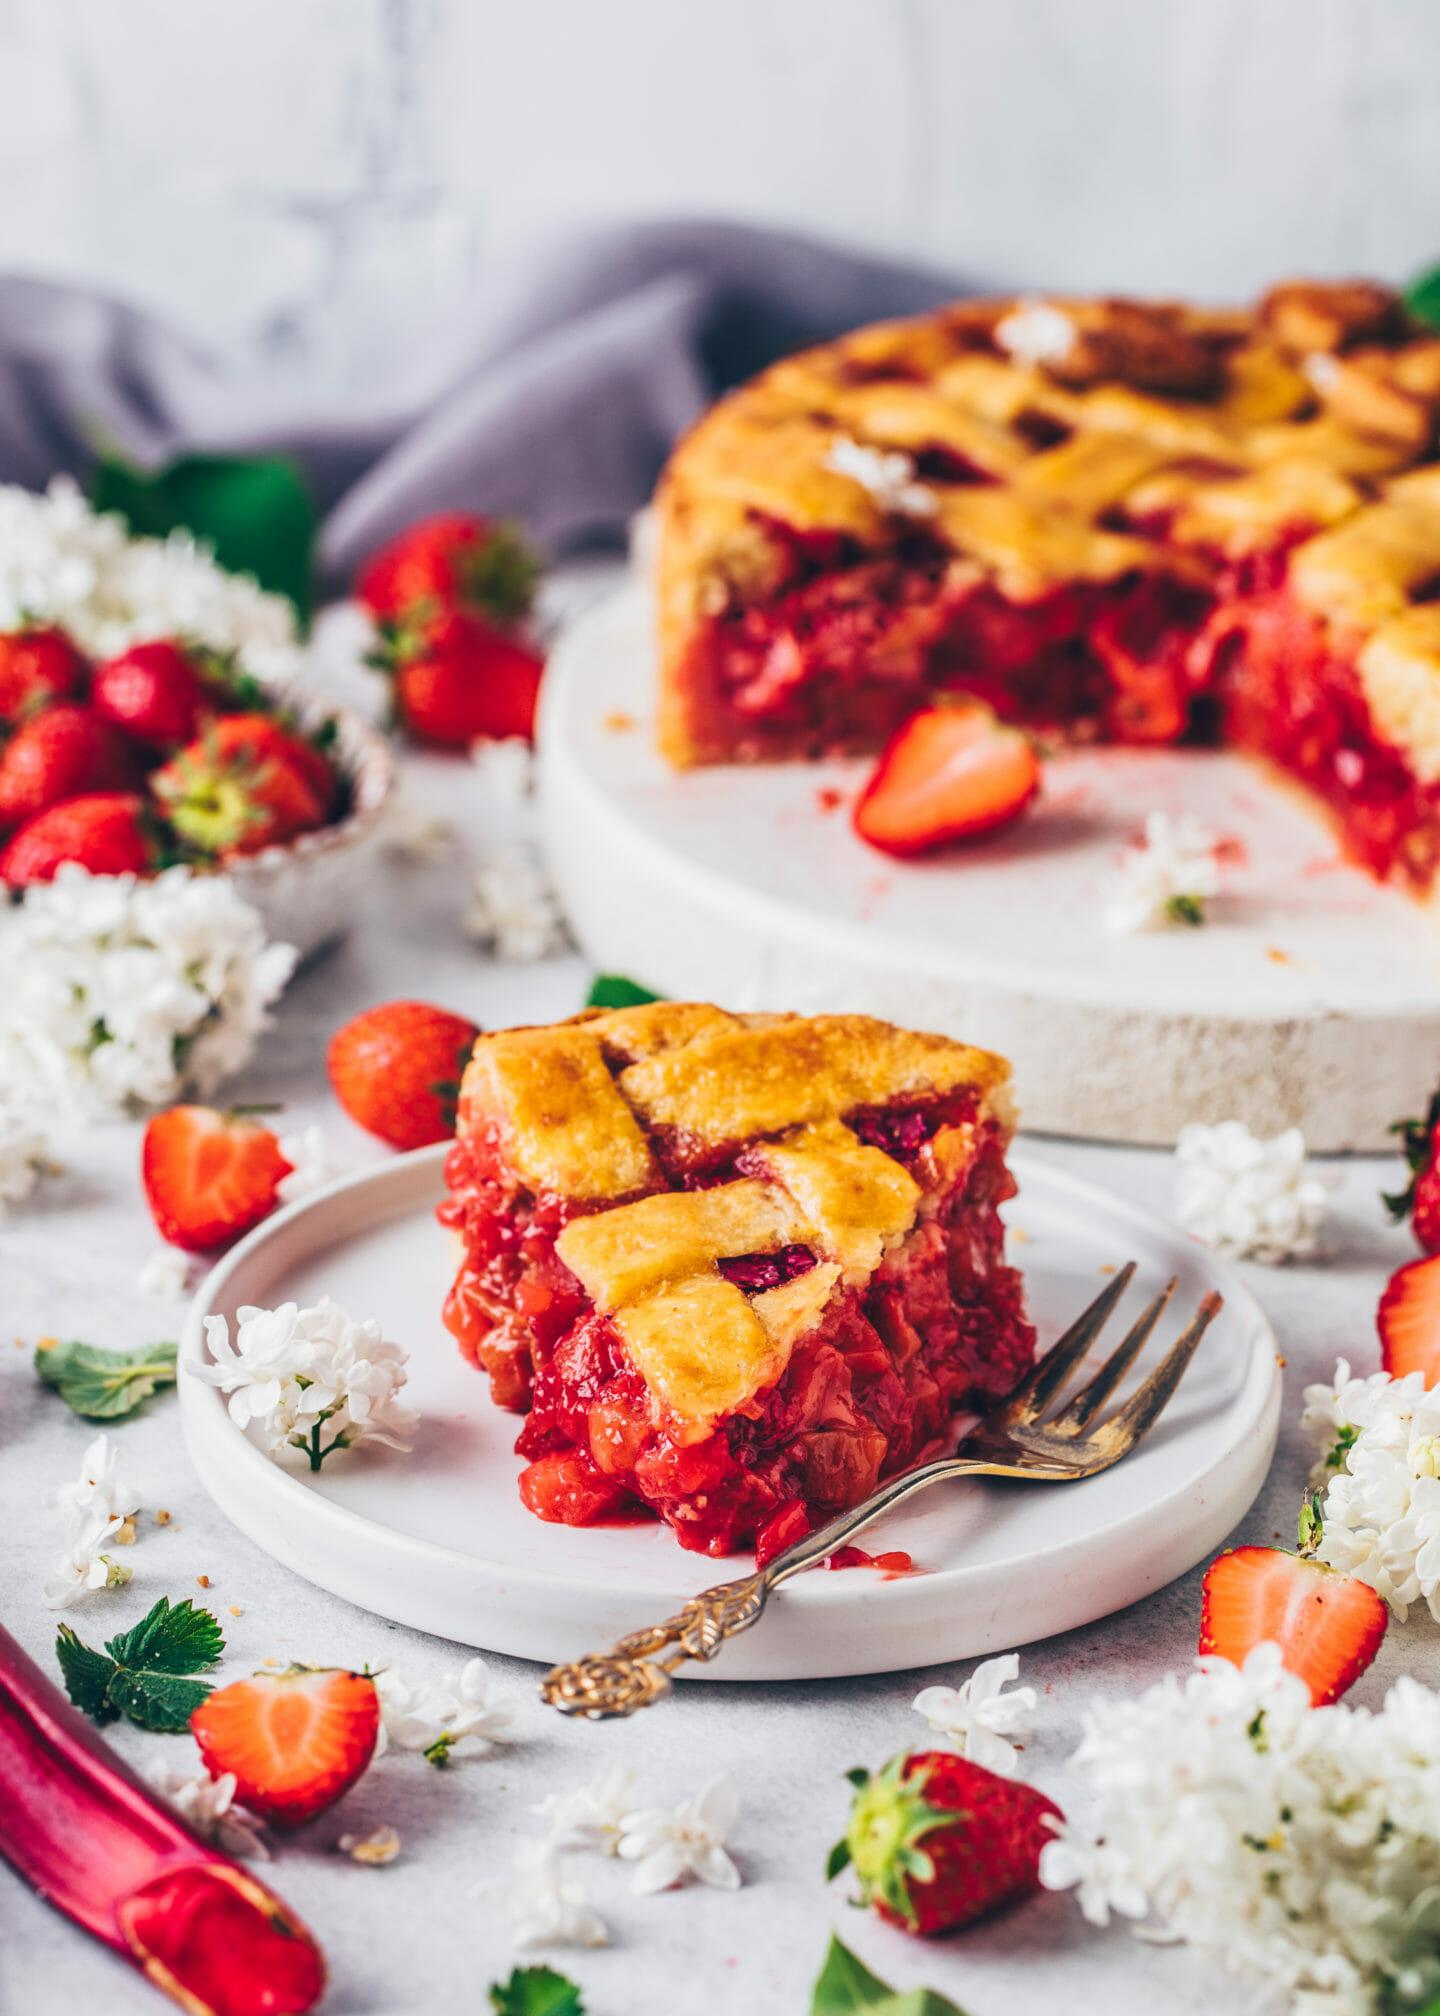 Erdbeer-Rhabarber Pie mit Gitter-Mürbeteig